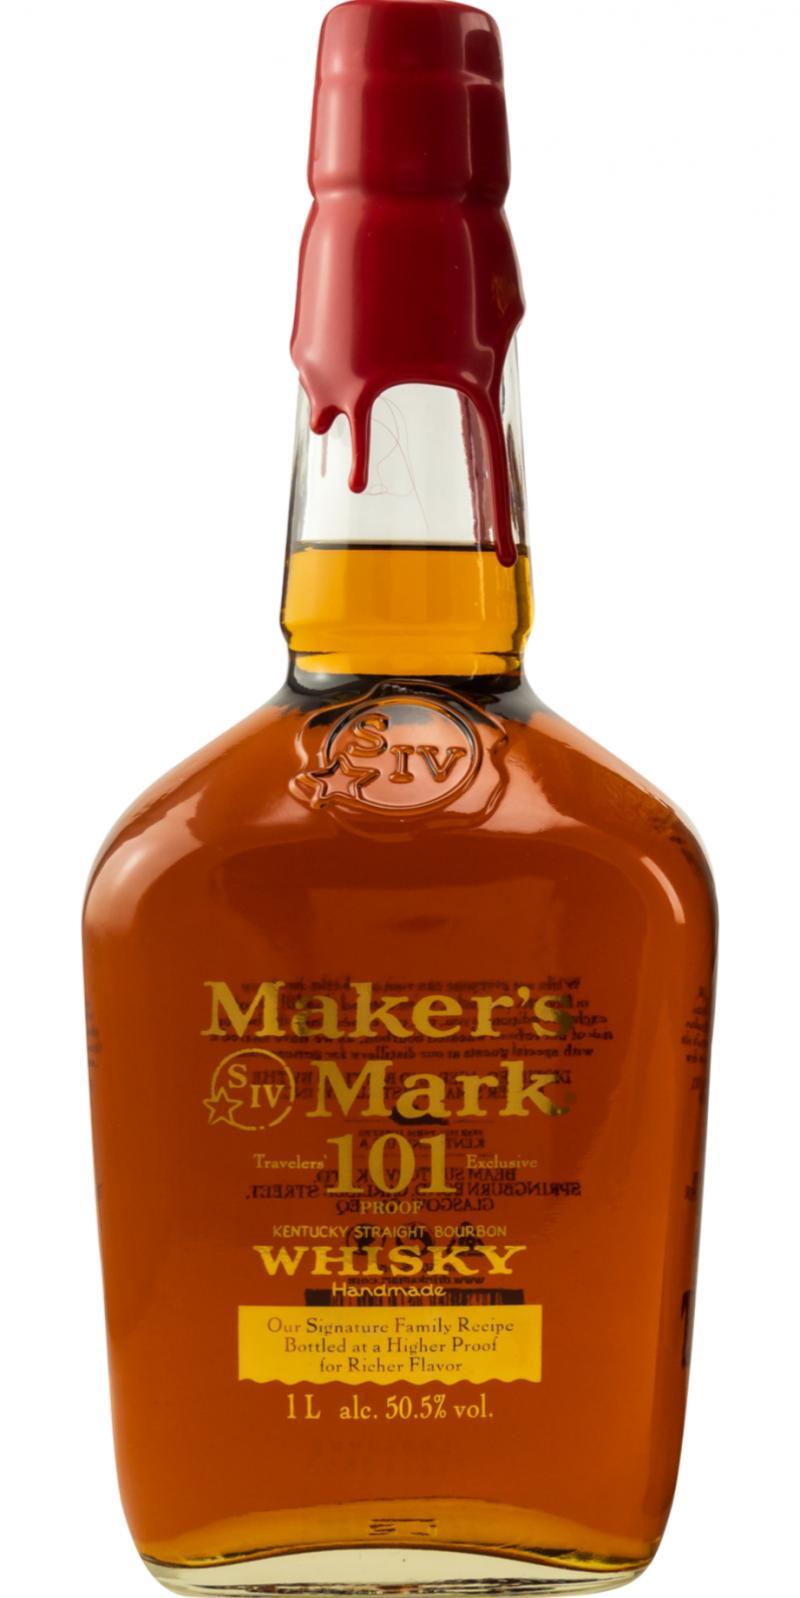 Maker's Mark 101